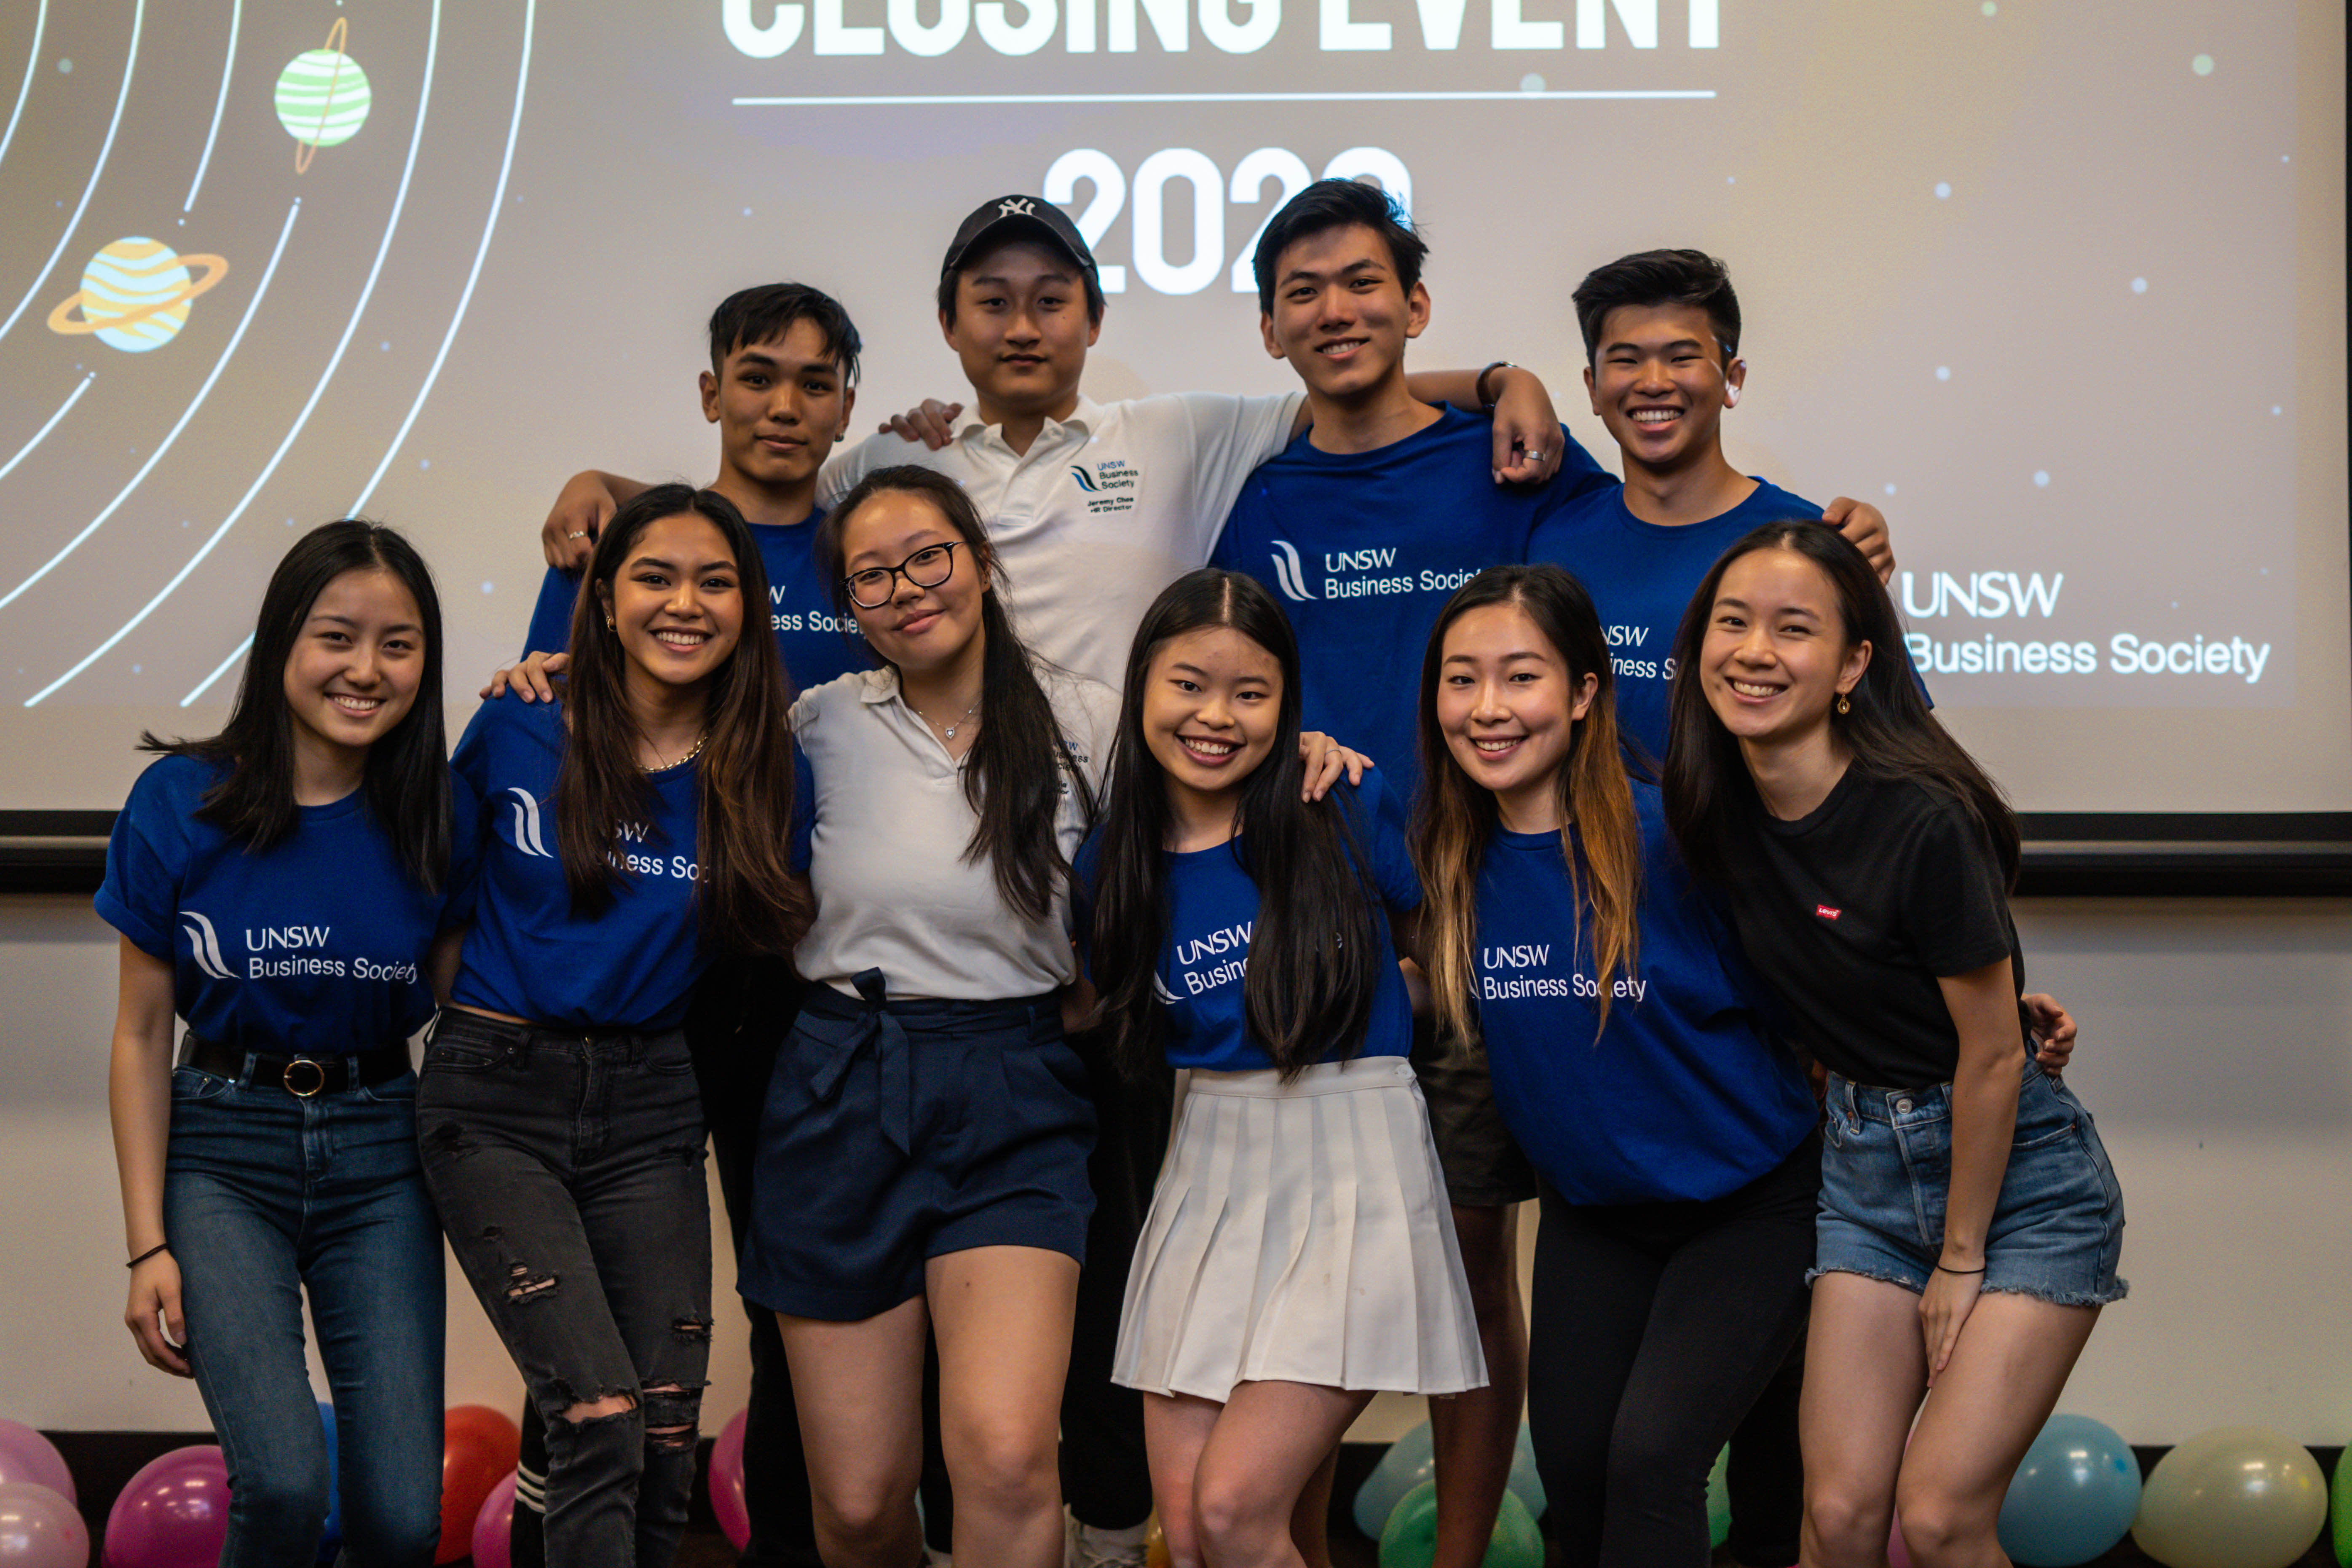 Subcom closing event small group pic